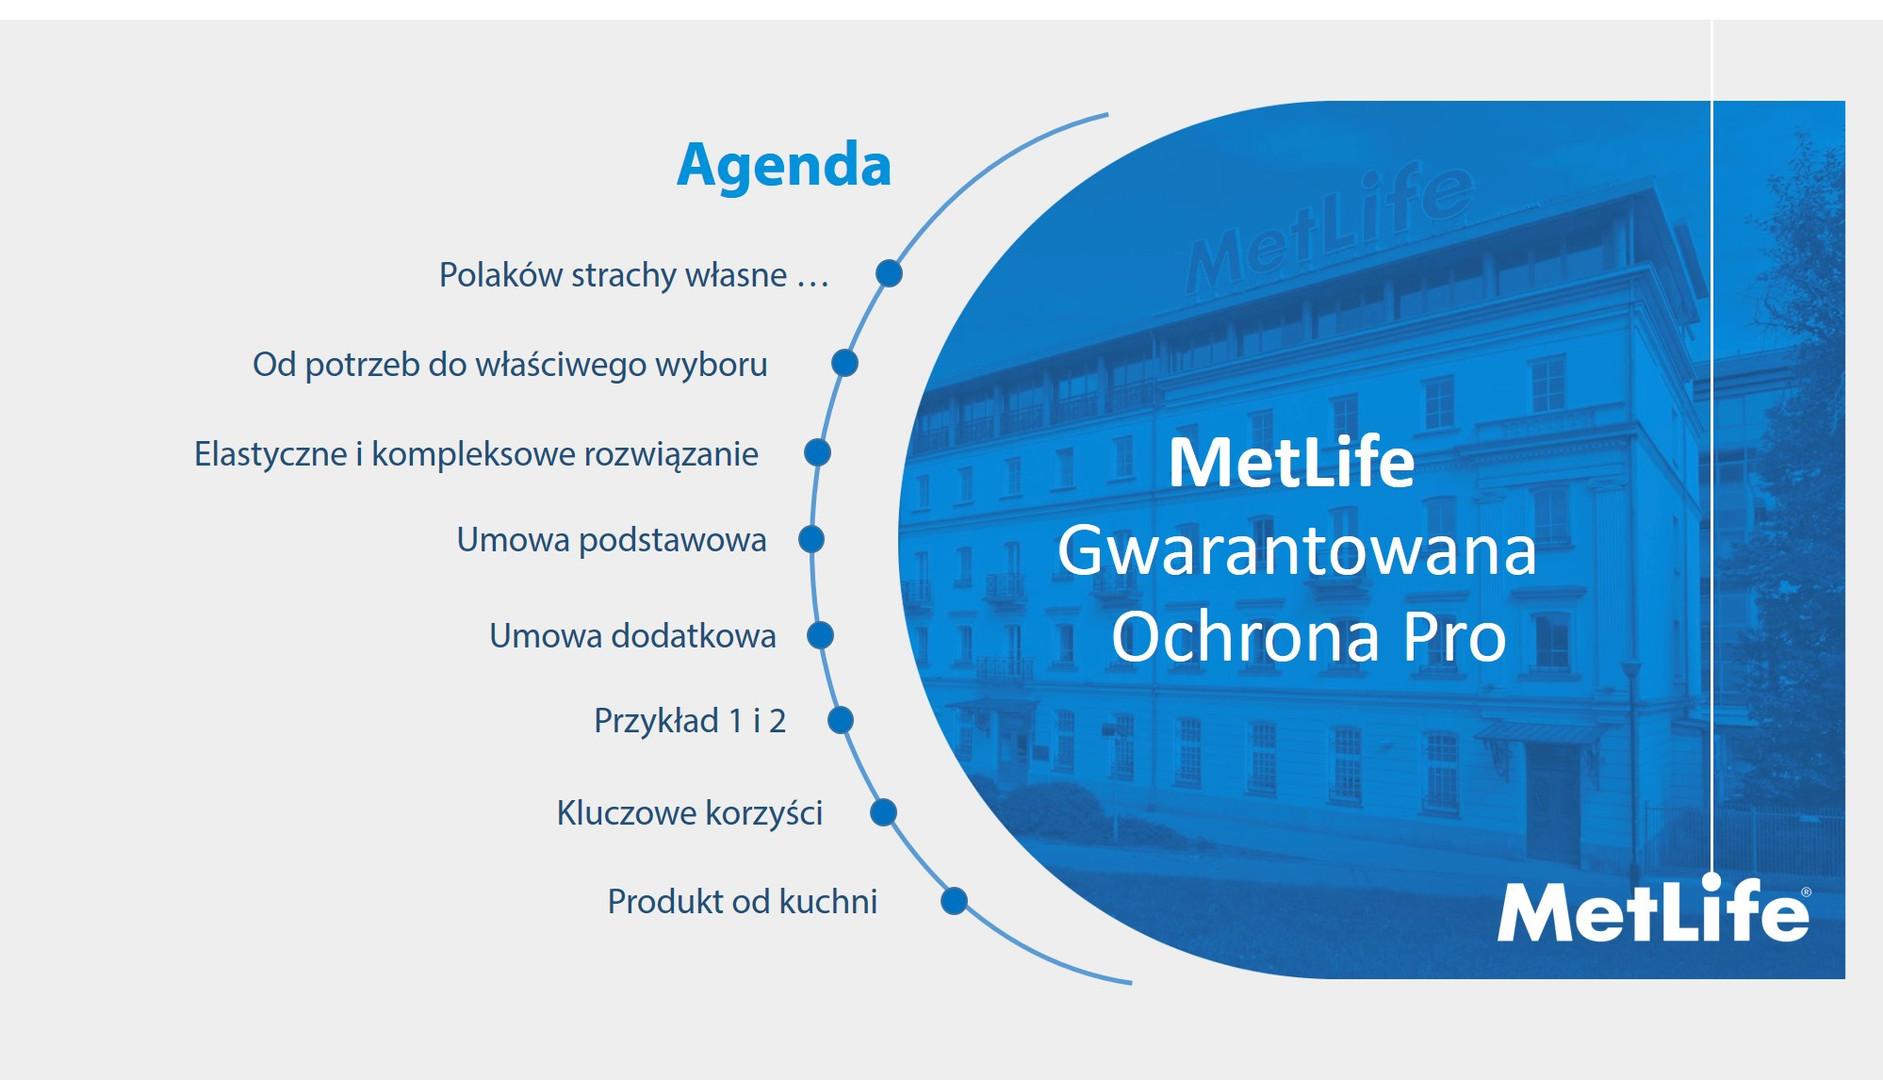 MetLife PowerPoint.jpg